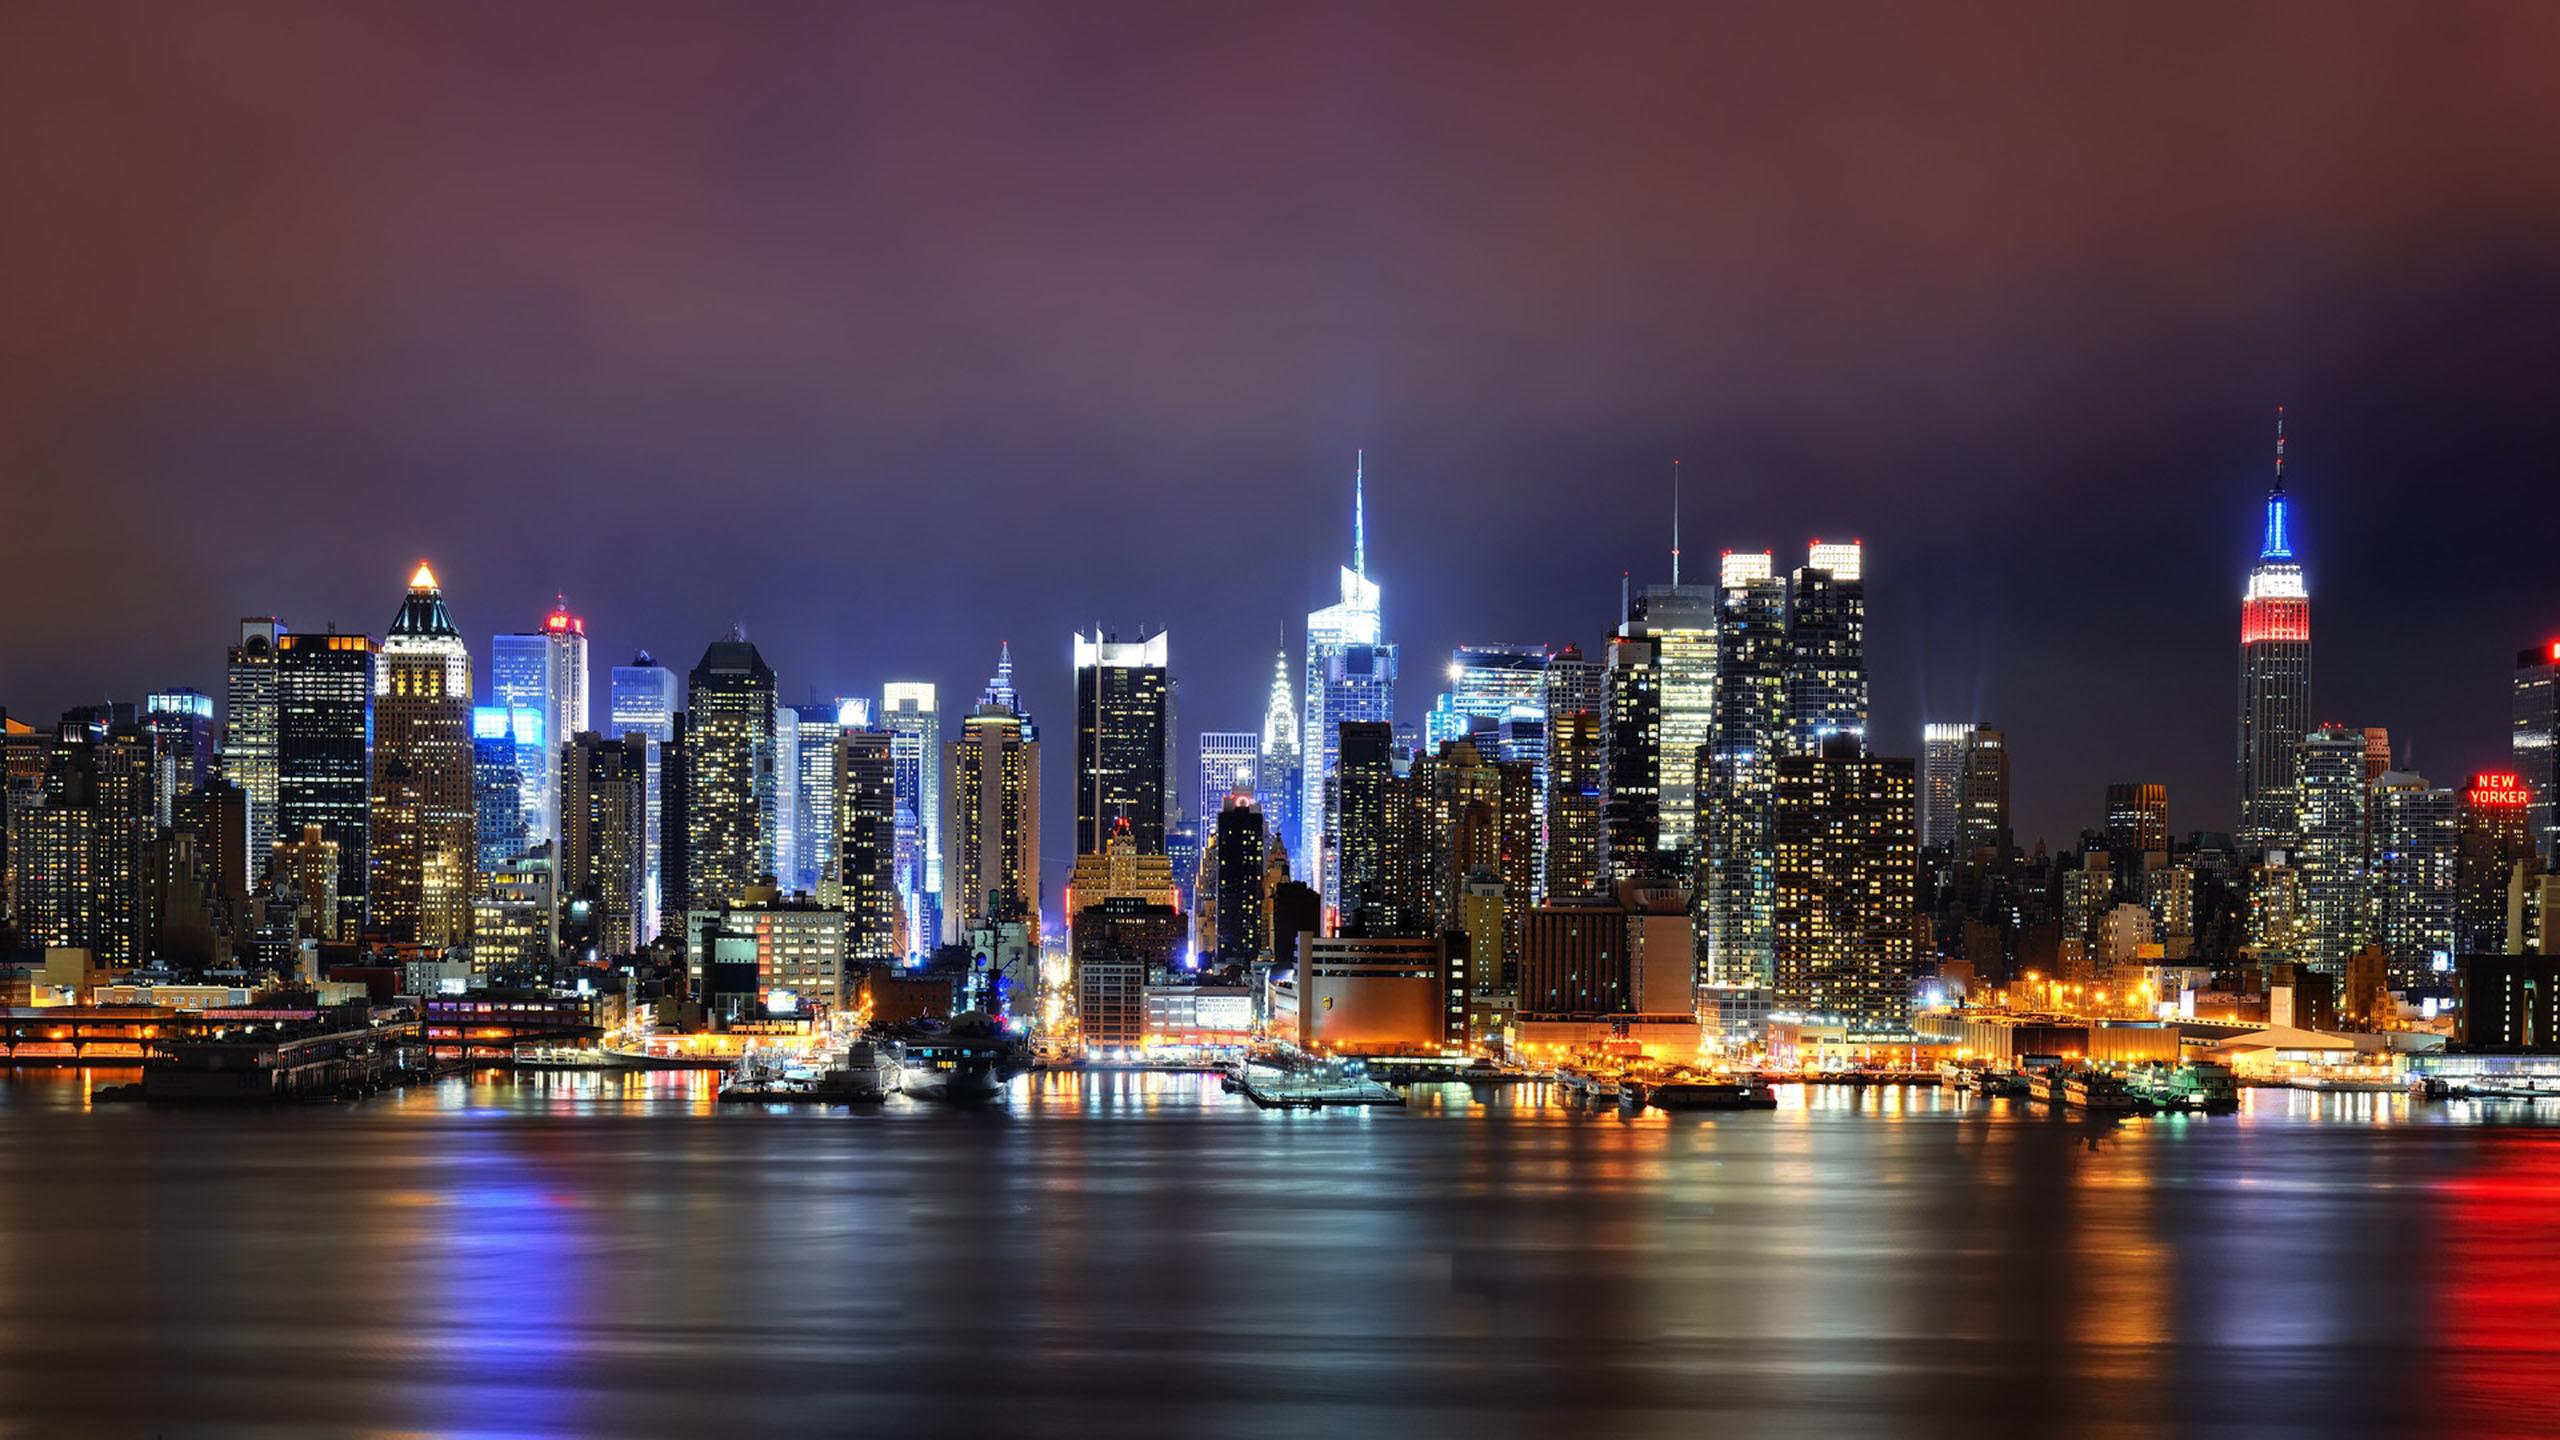 изготавливаем авиамодели ночной город картинки на телефон мебель для